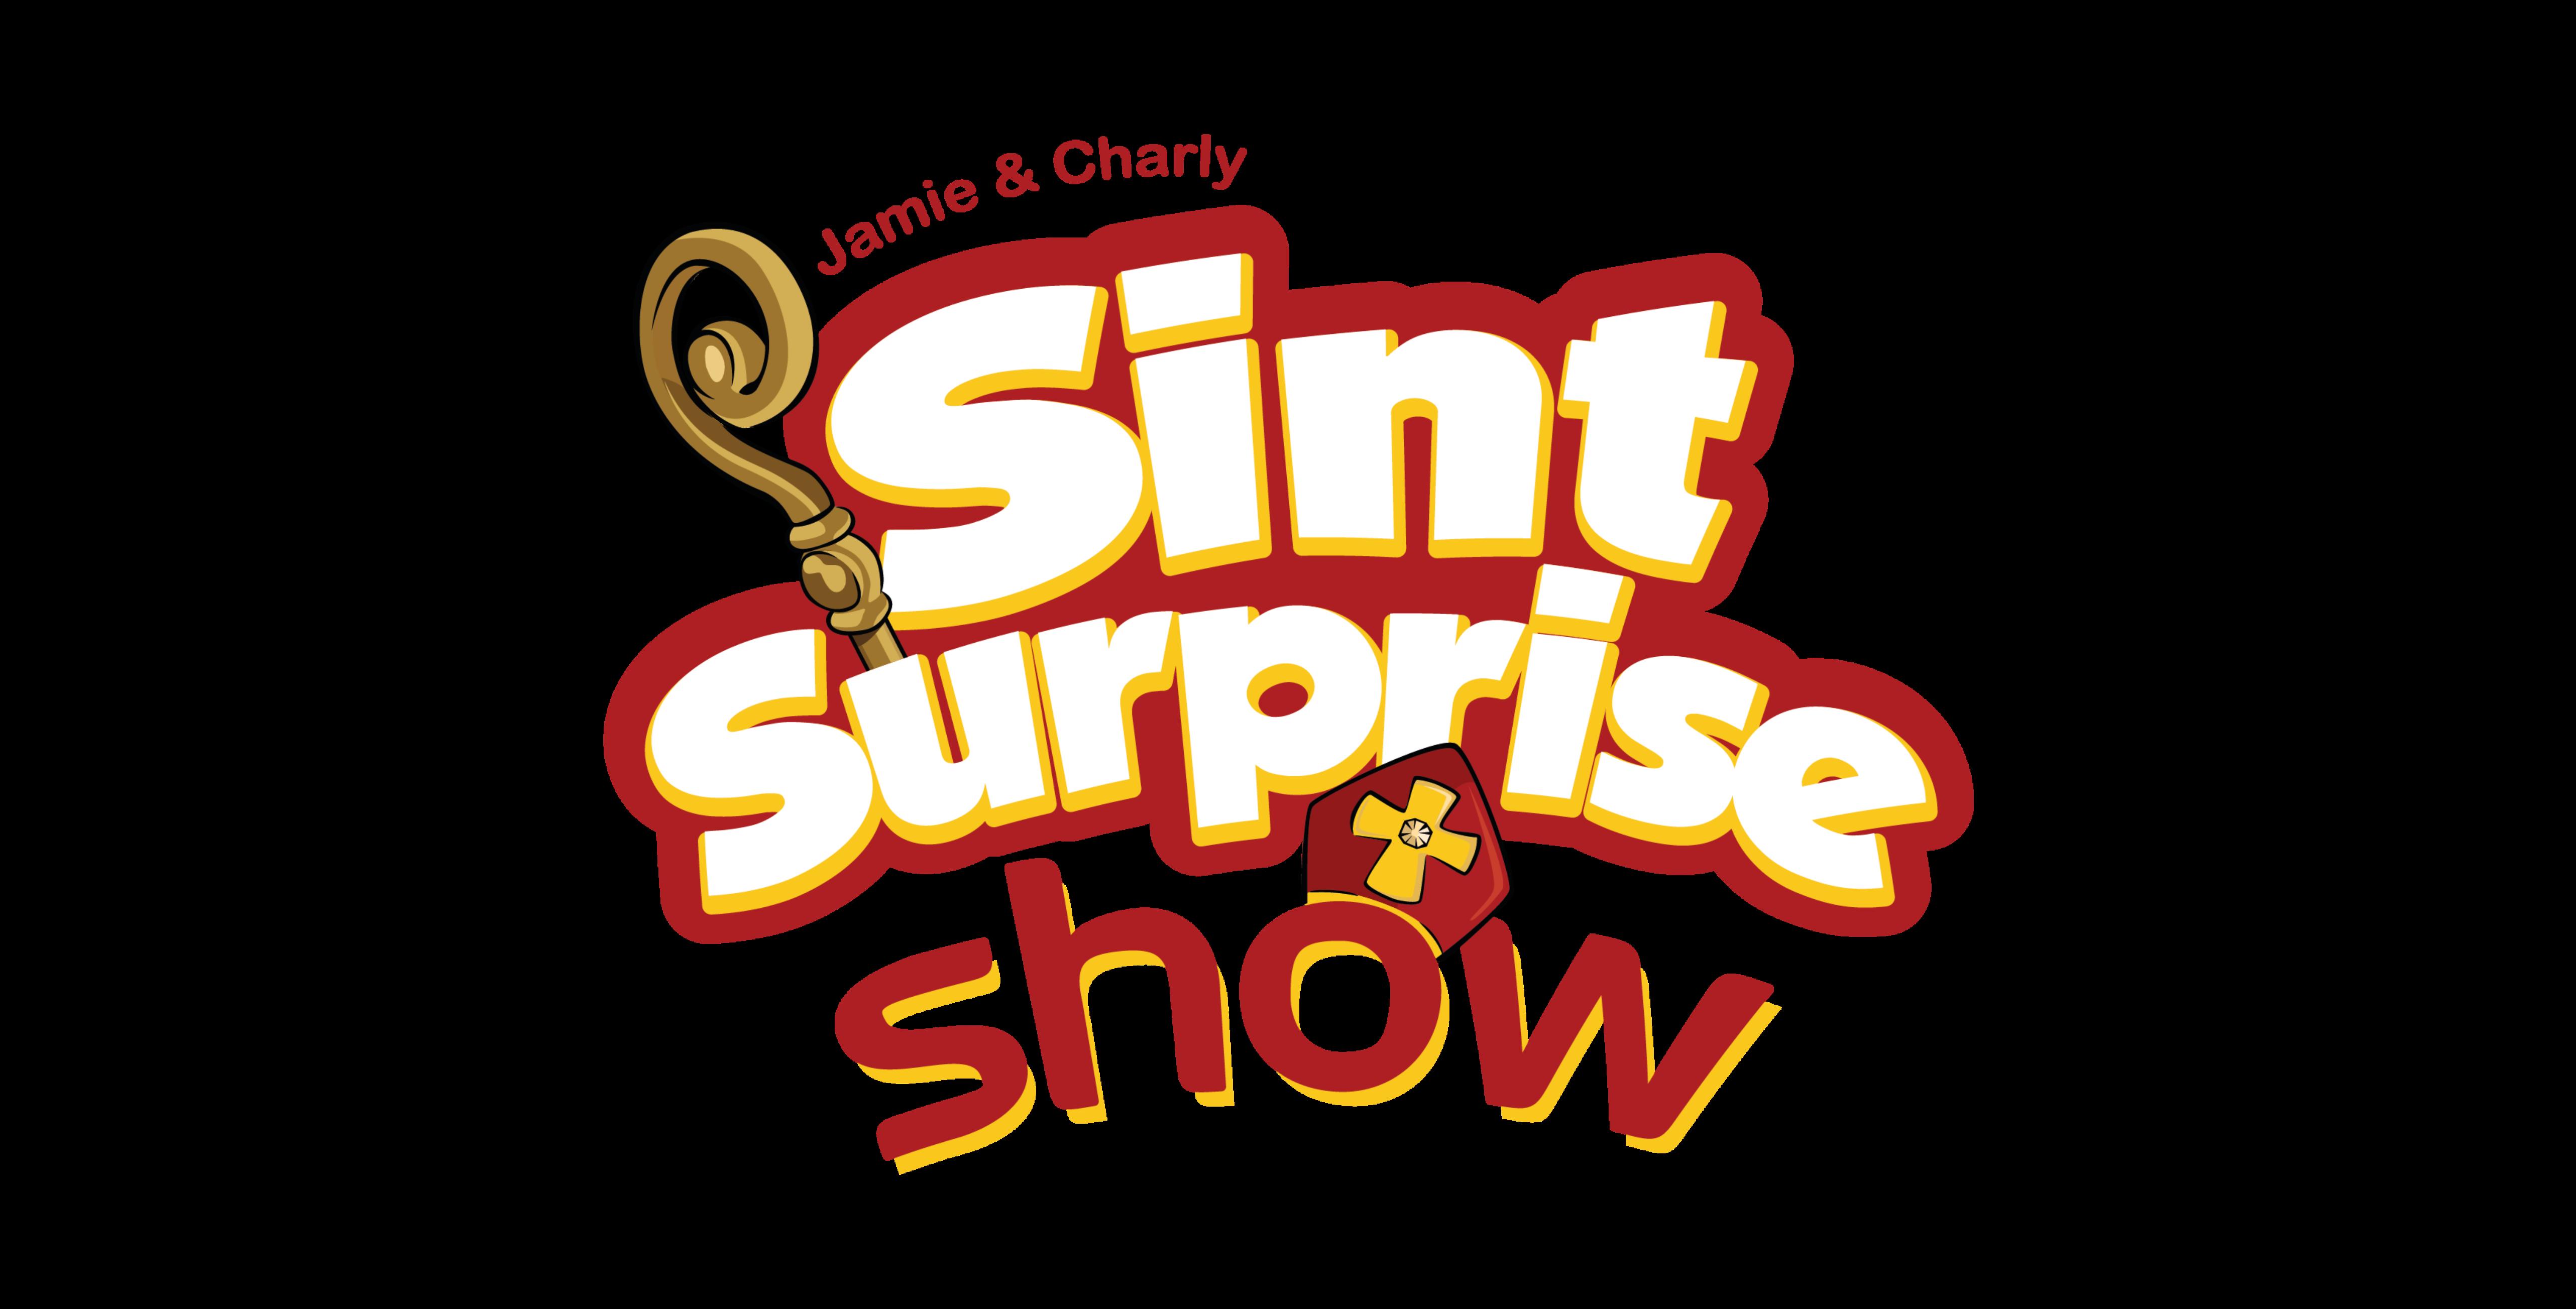 Sinterklaasshow Jamie Charly Sint Surprise kindershow logo